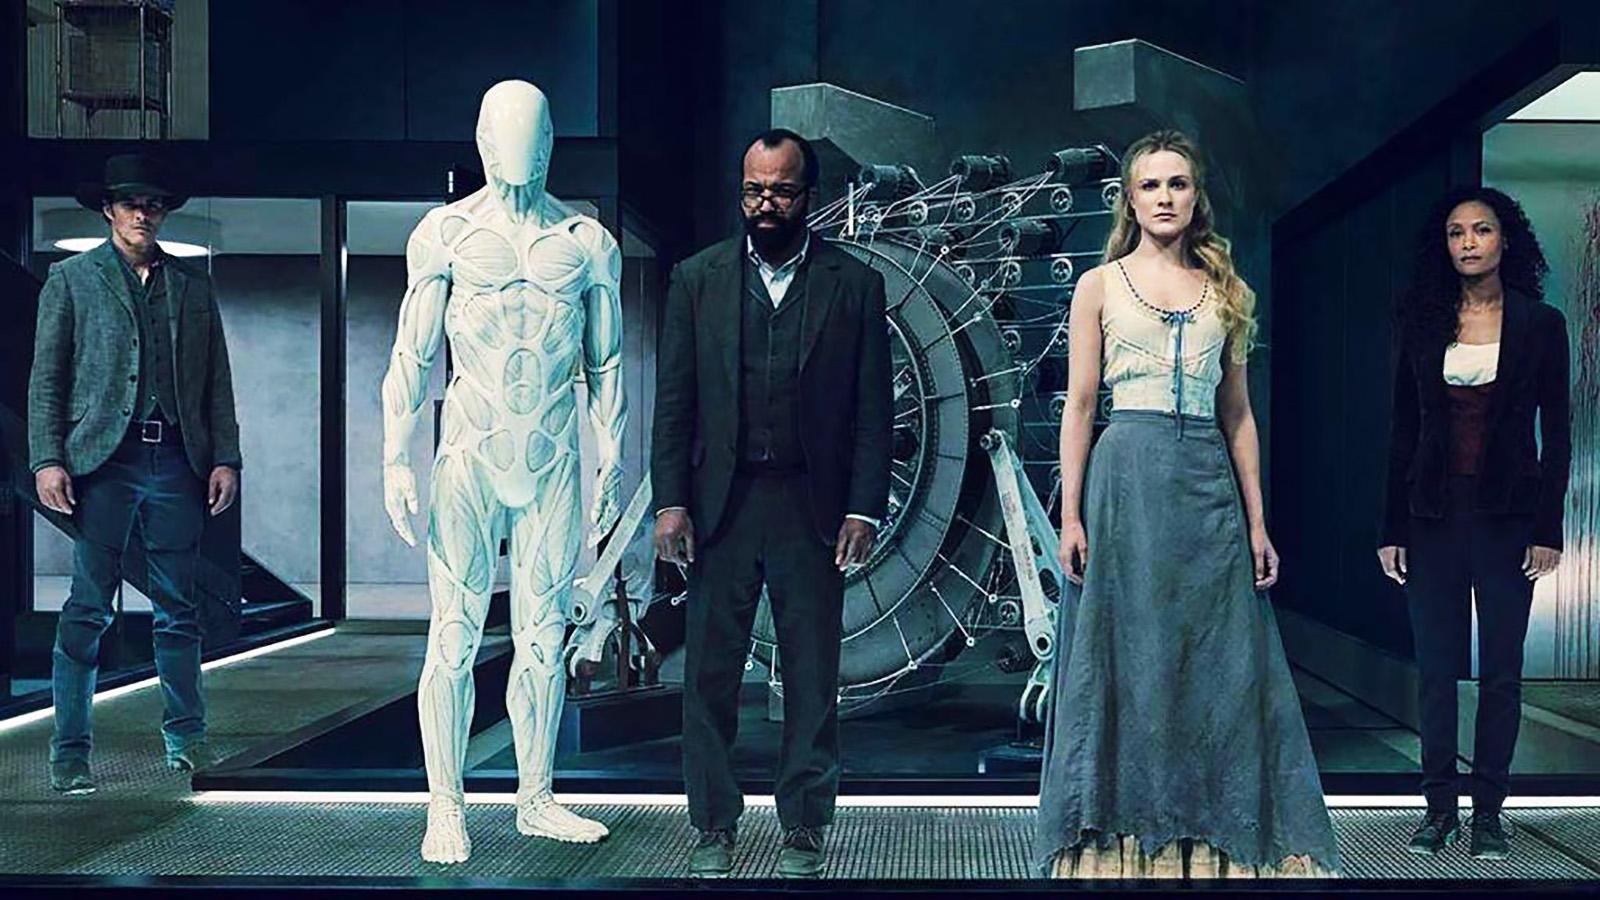 آنونس فصل دوم سریال Westworld: زمان حسابرسی فرا رسیده است.